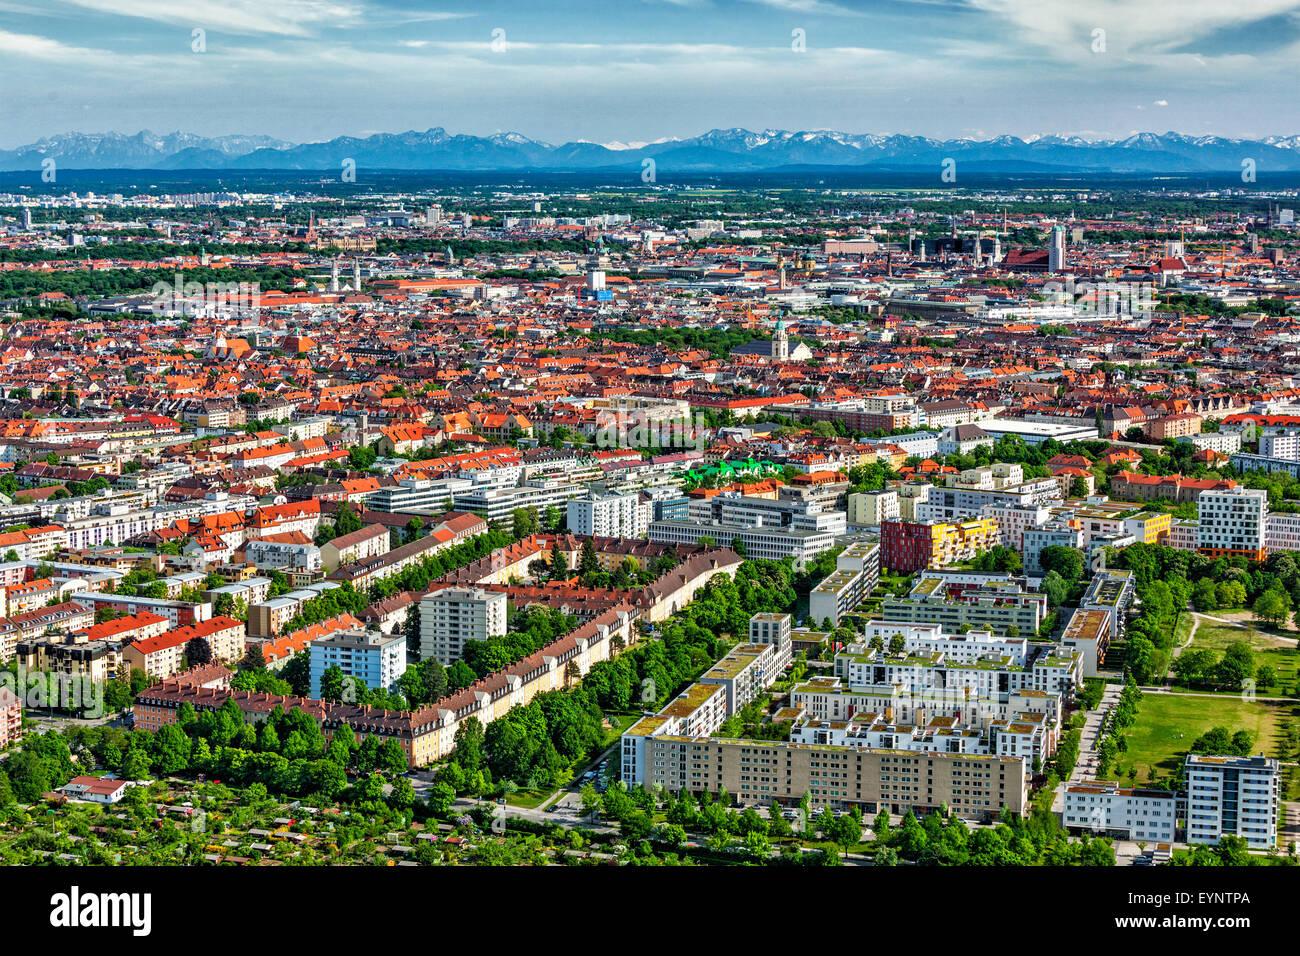 Vista aerea di Monaco di Baviera. Monaco di Baviera, Germania Immagini Stock